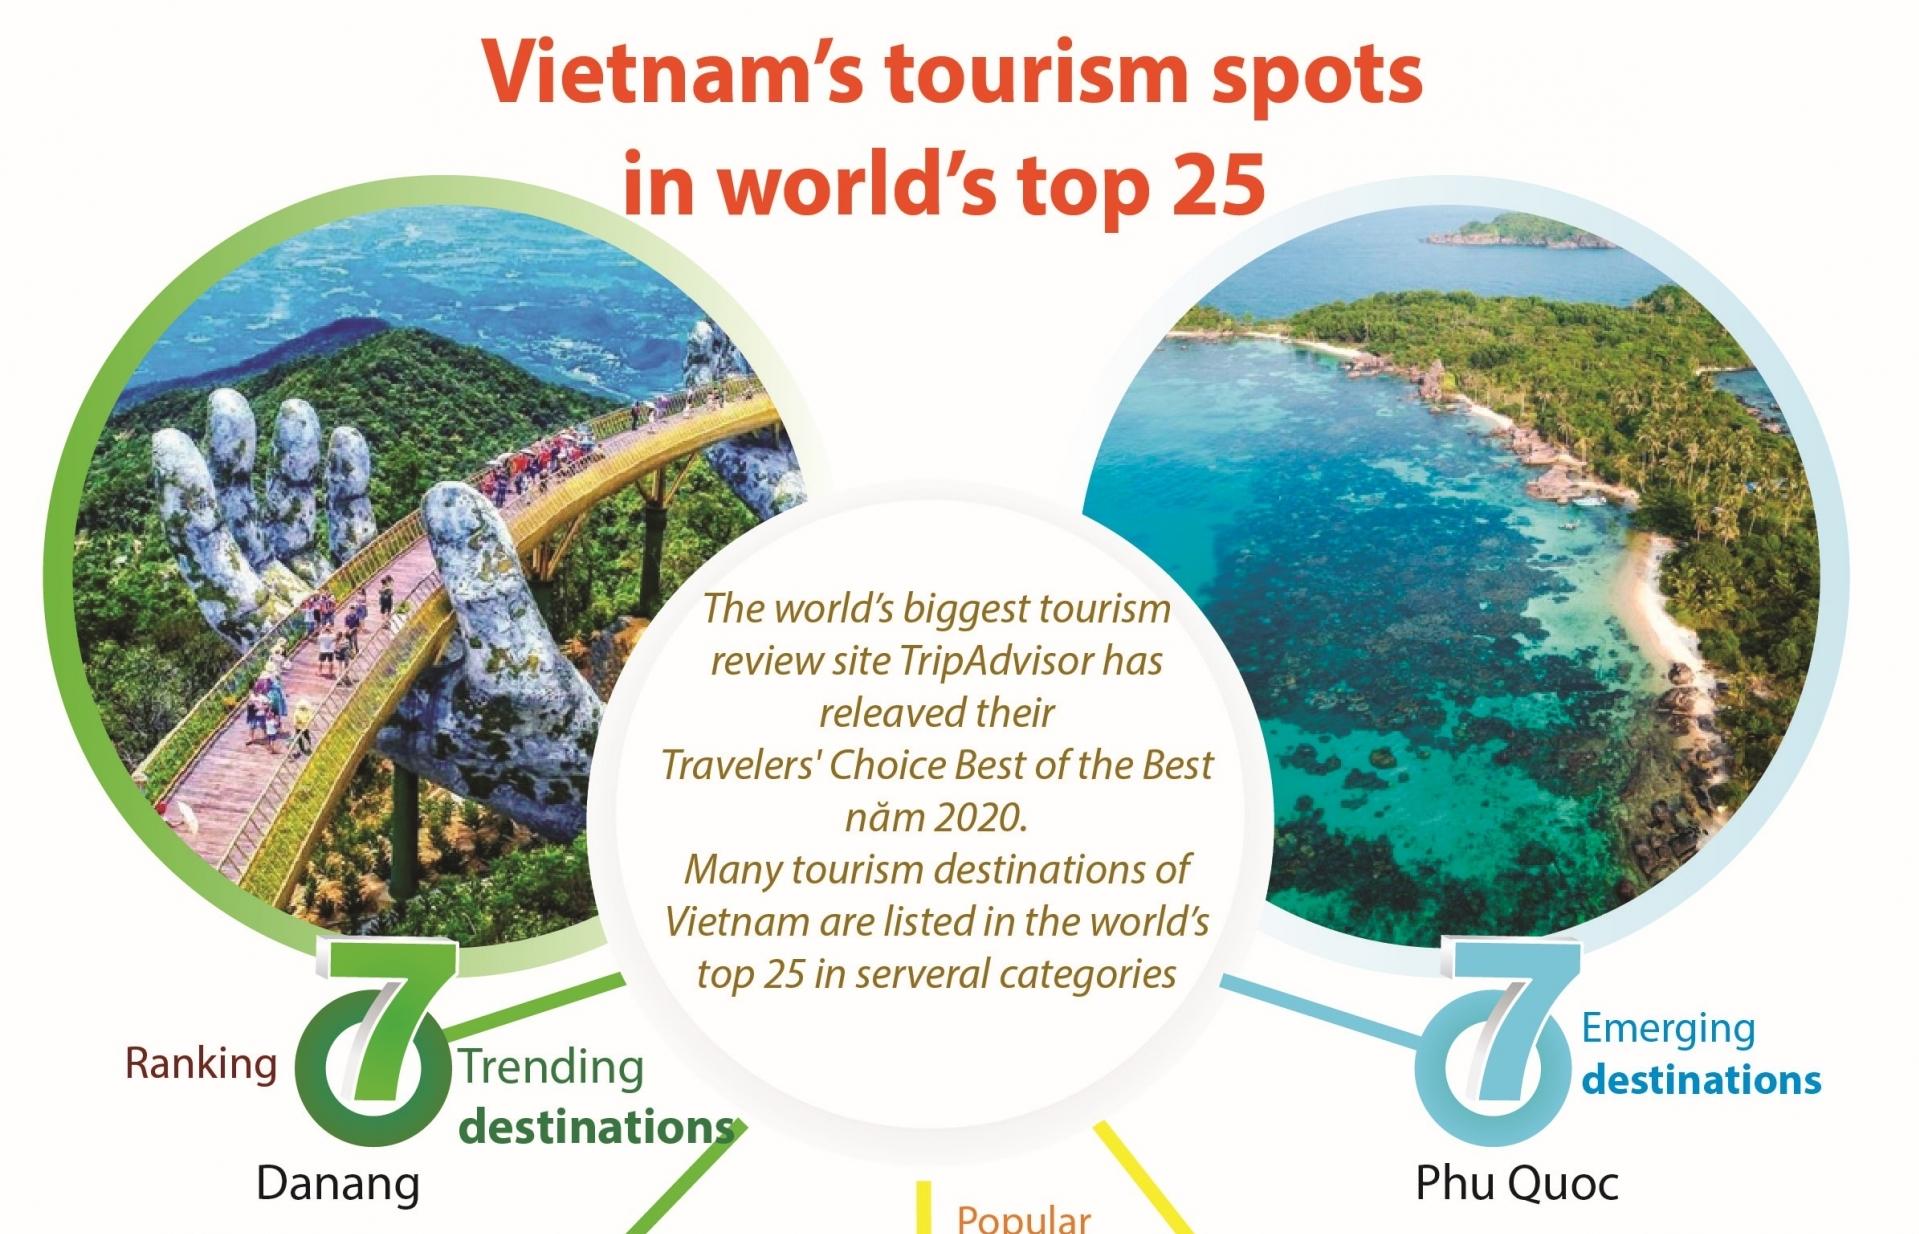 Vietnam's tourism spots in world's top 25